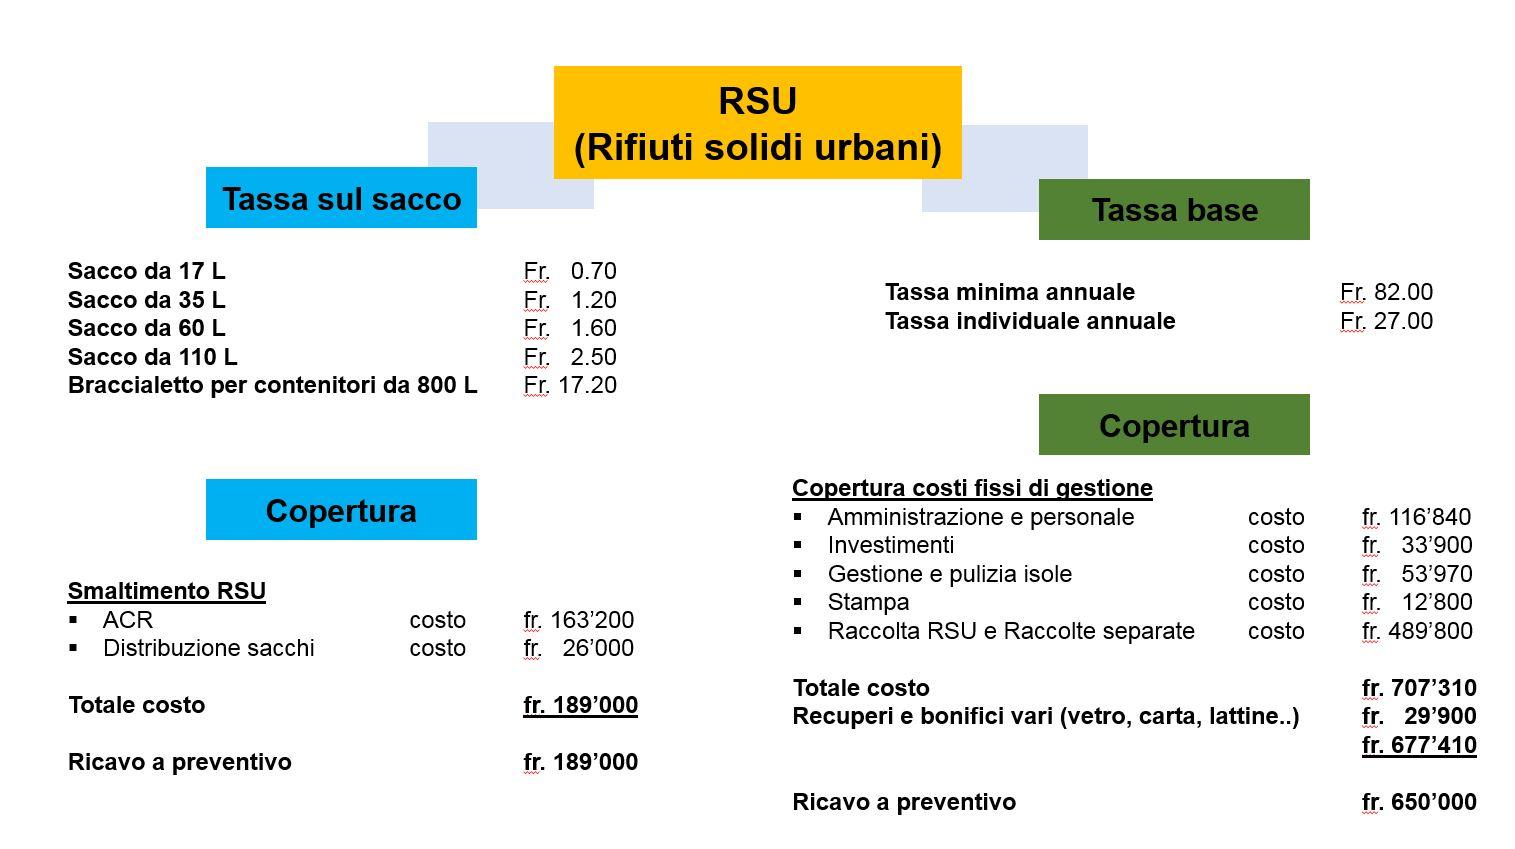 La tabella con le indicazioni dei costi che le due tasse rifiuti devono coprire.